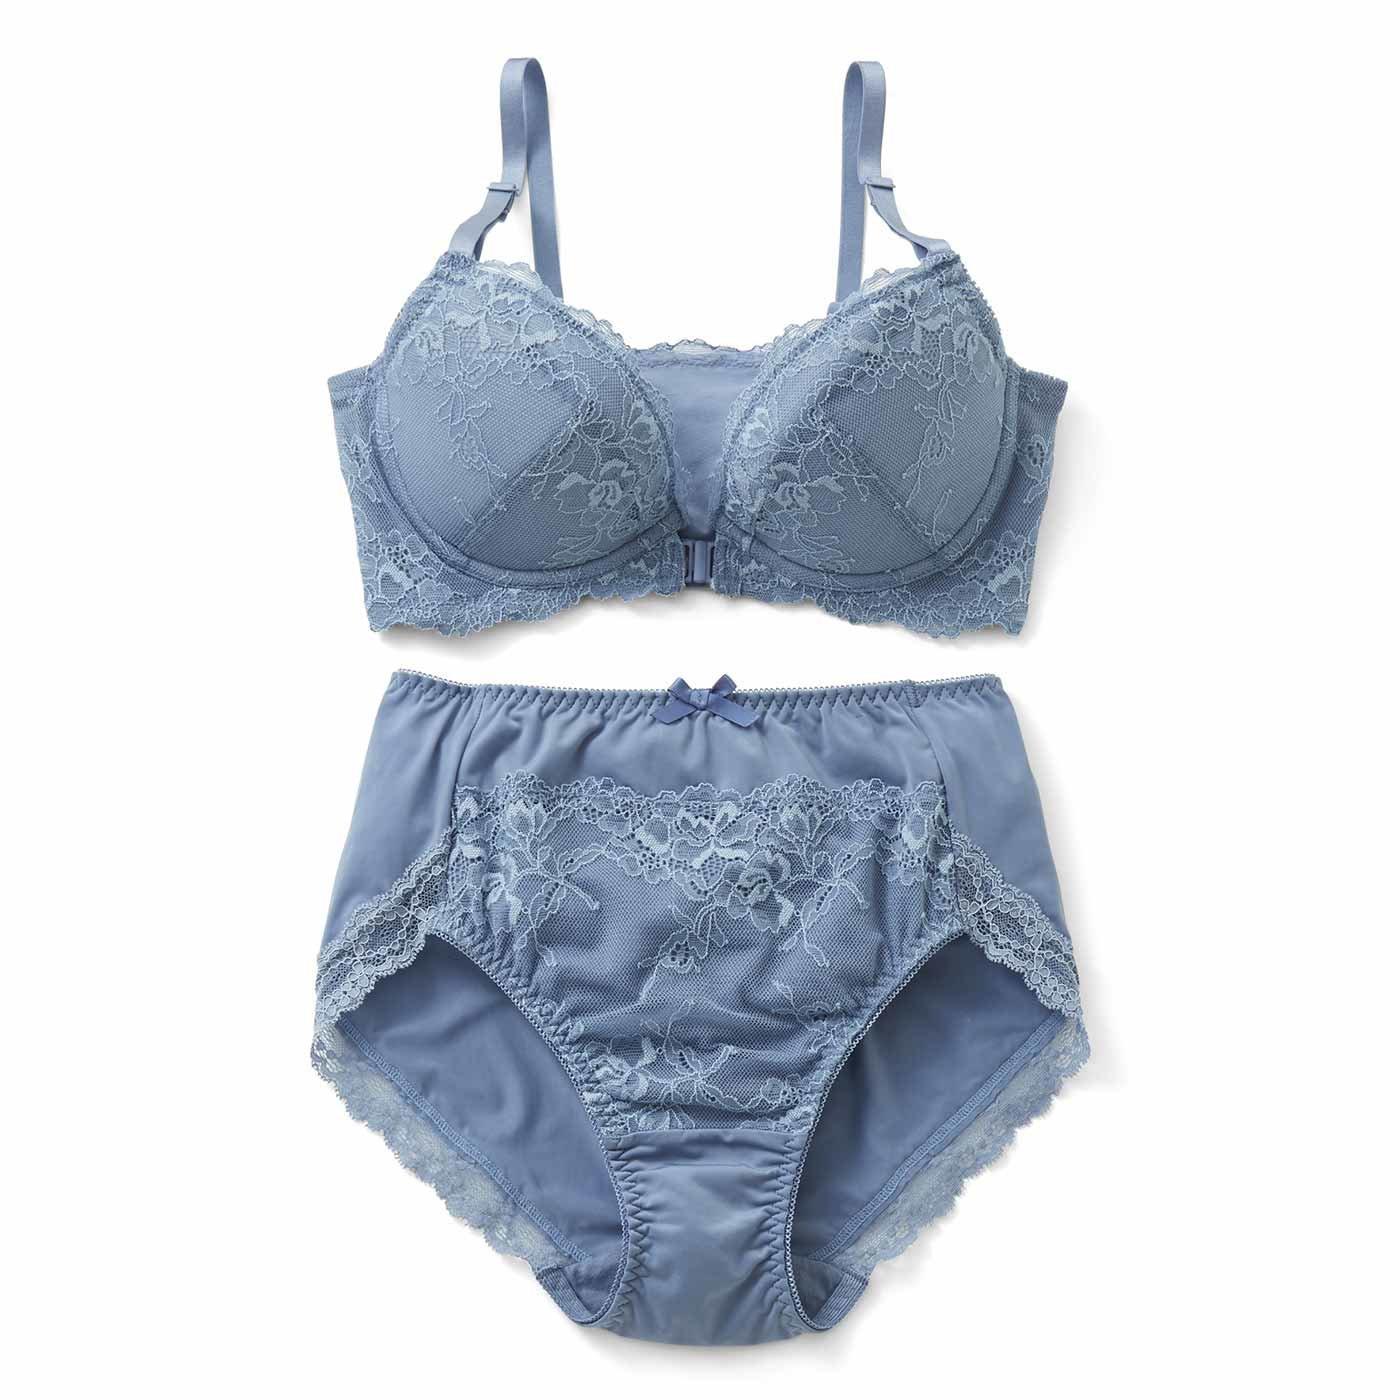 小さい胸さんの わきぷよ段差がきれいに解消 背中すっきり 美人印象ブラ&ショーツ〈サックスブルー〉